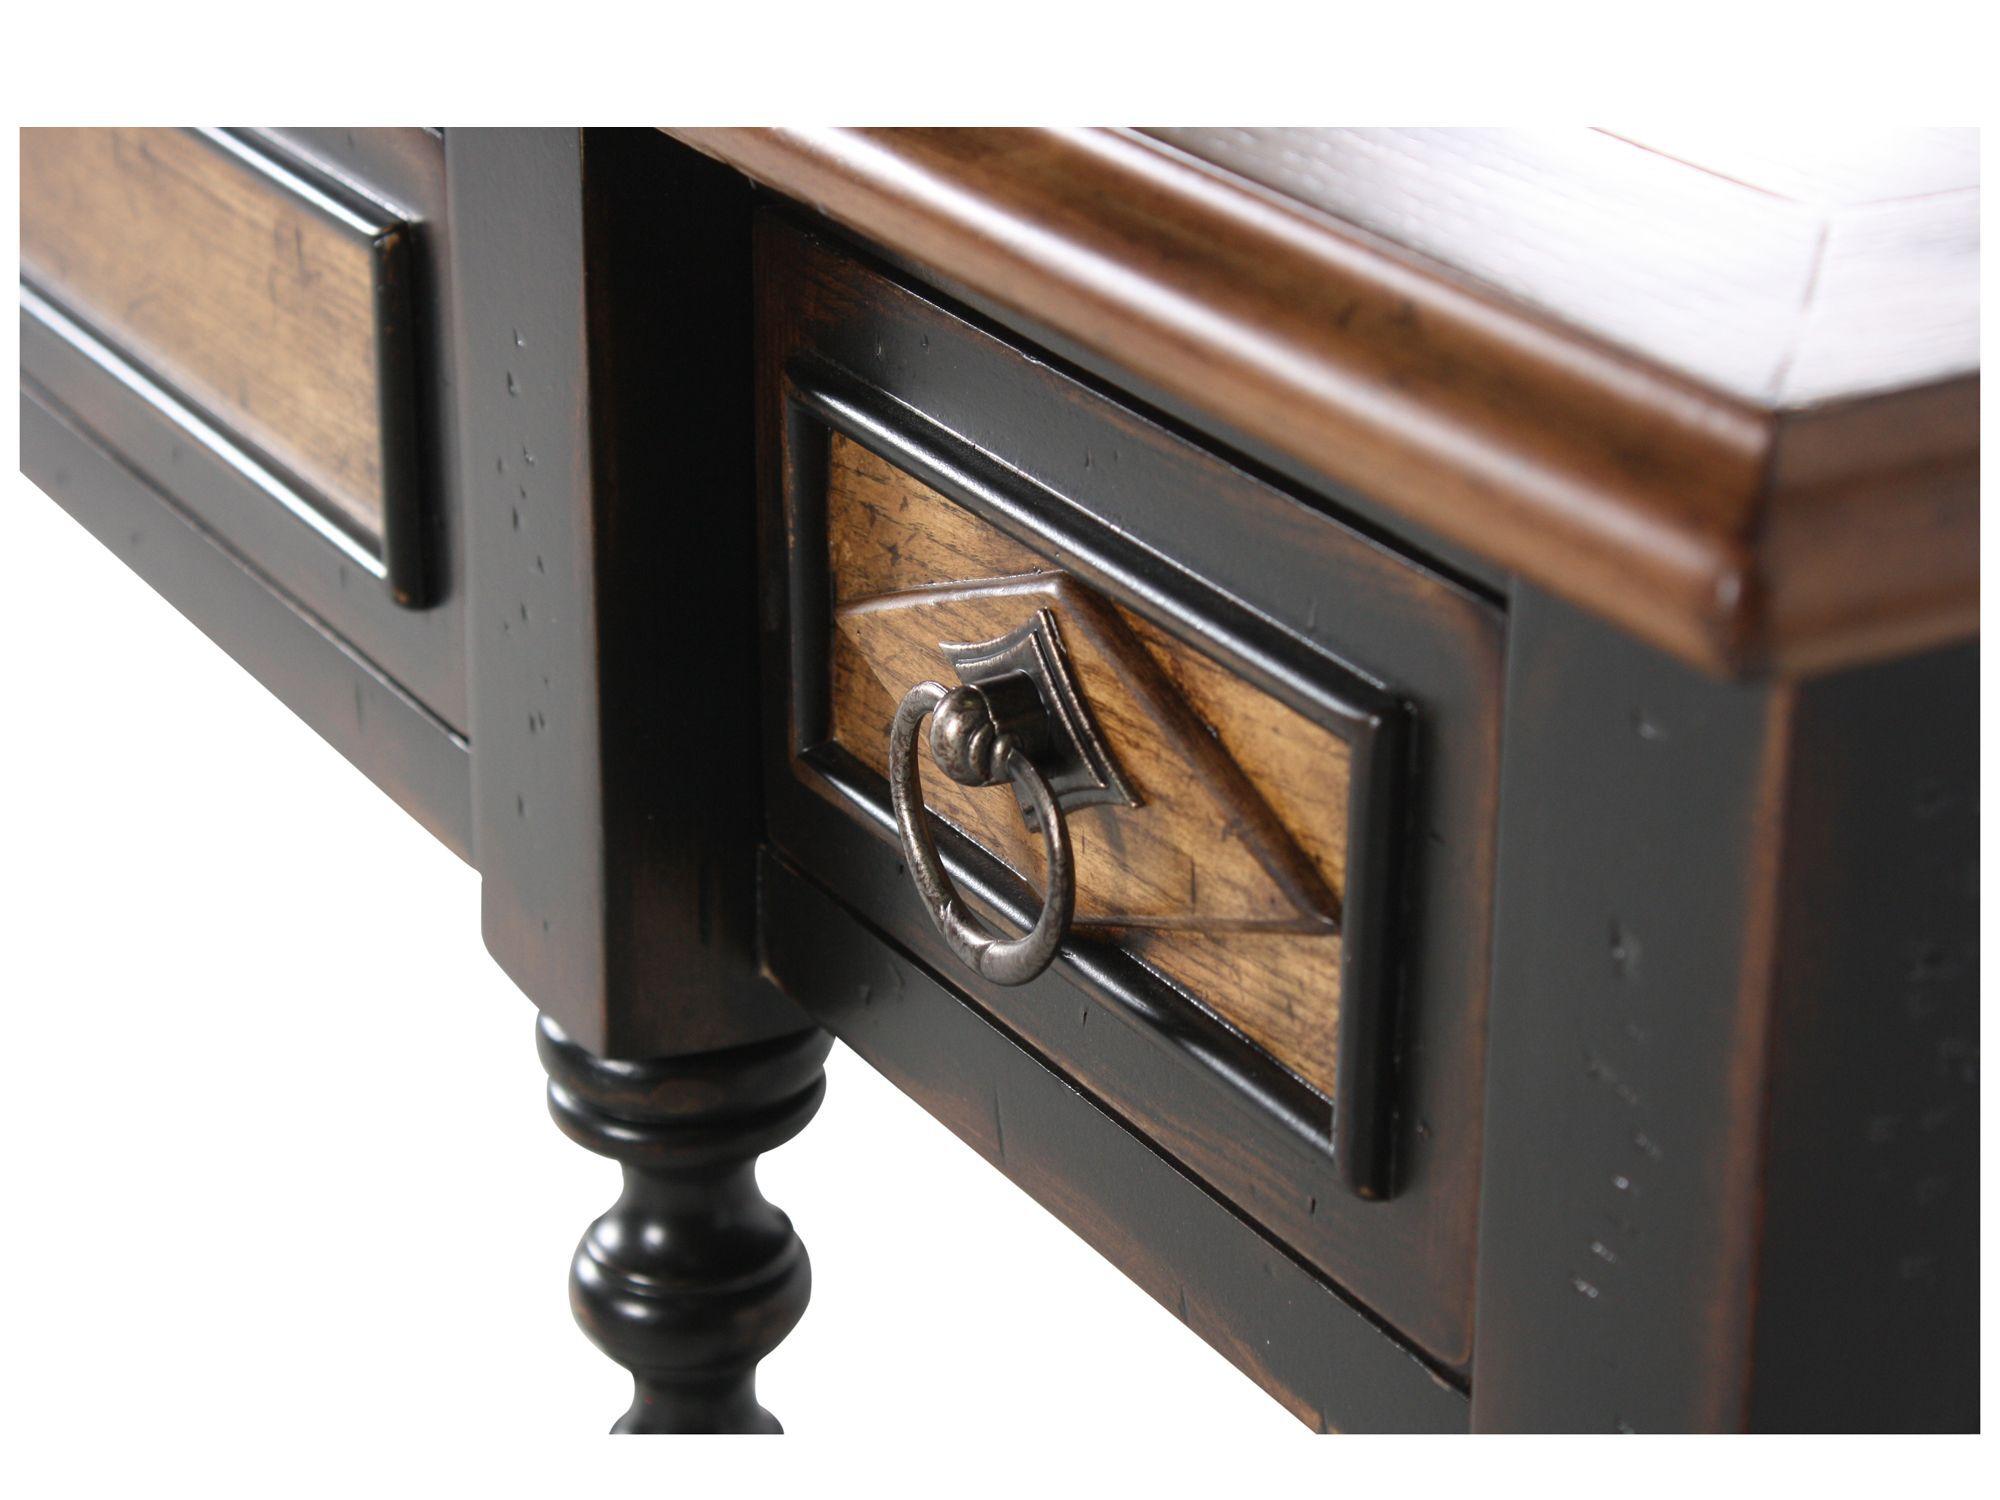 hooker ebony thin console table - Thin Console Table